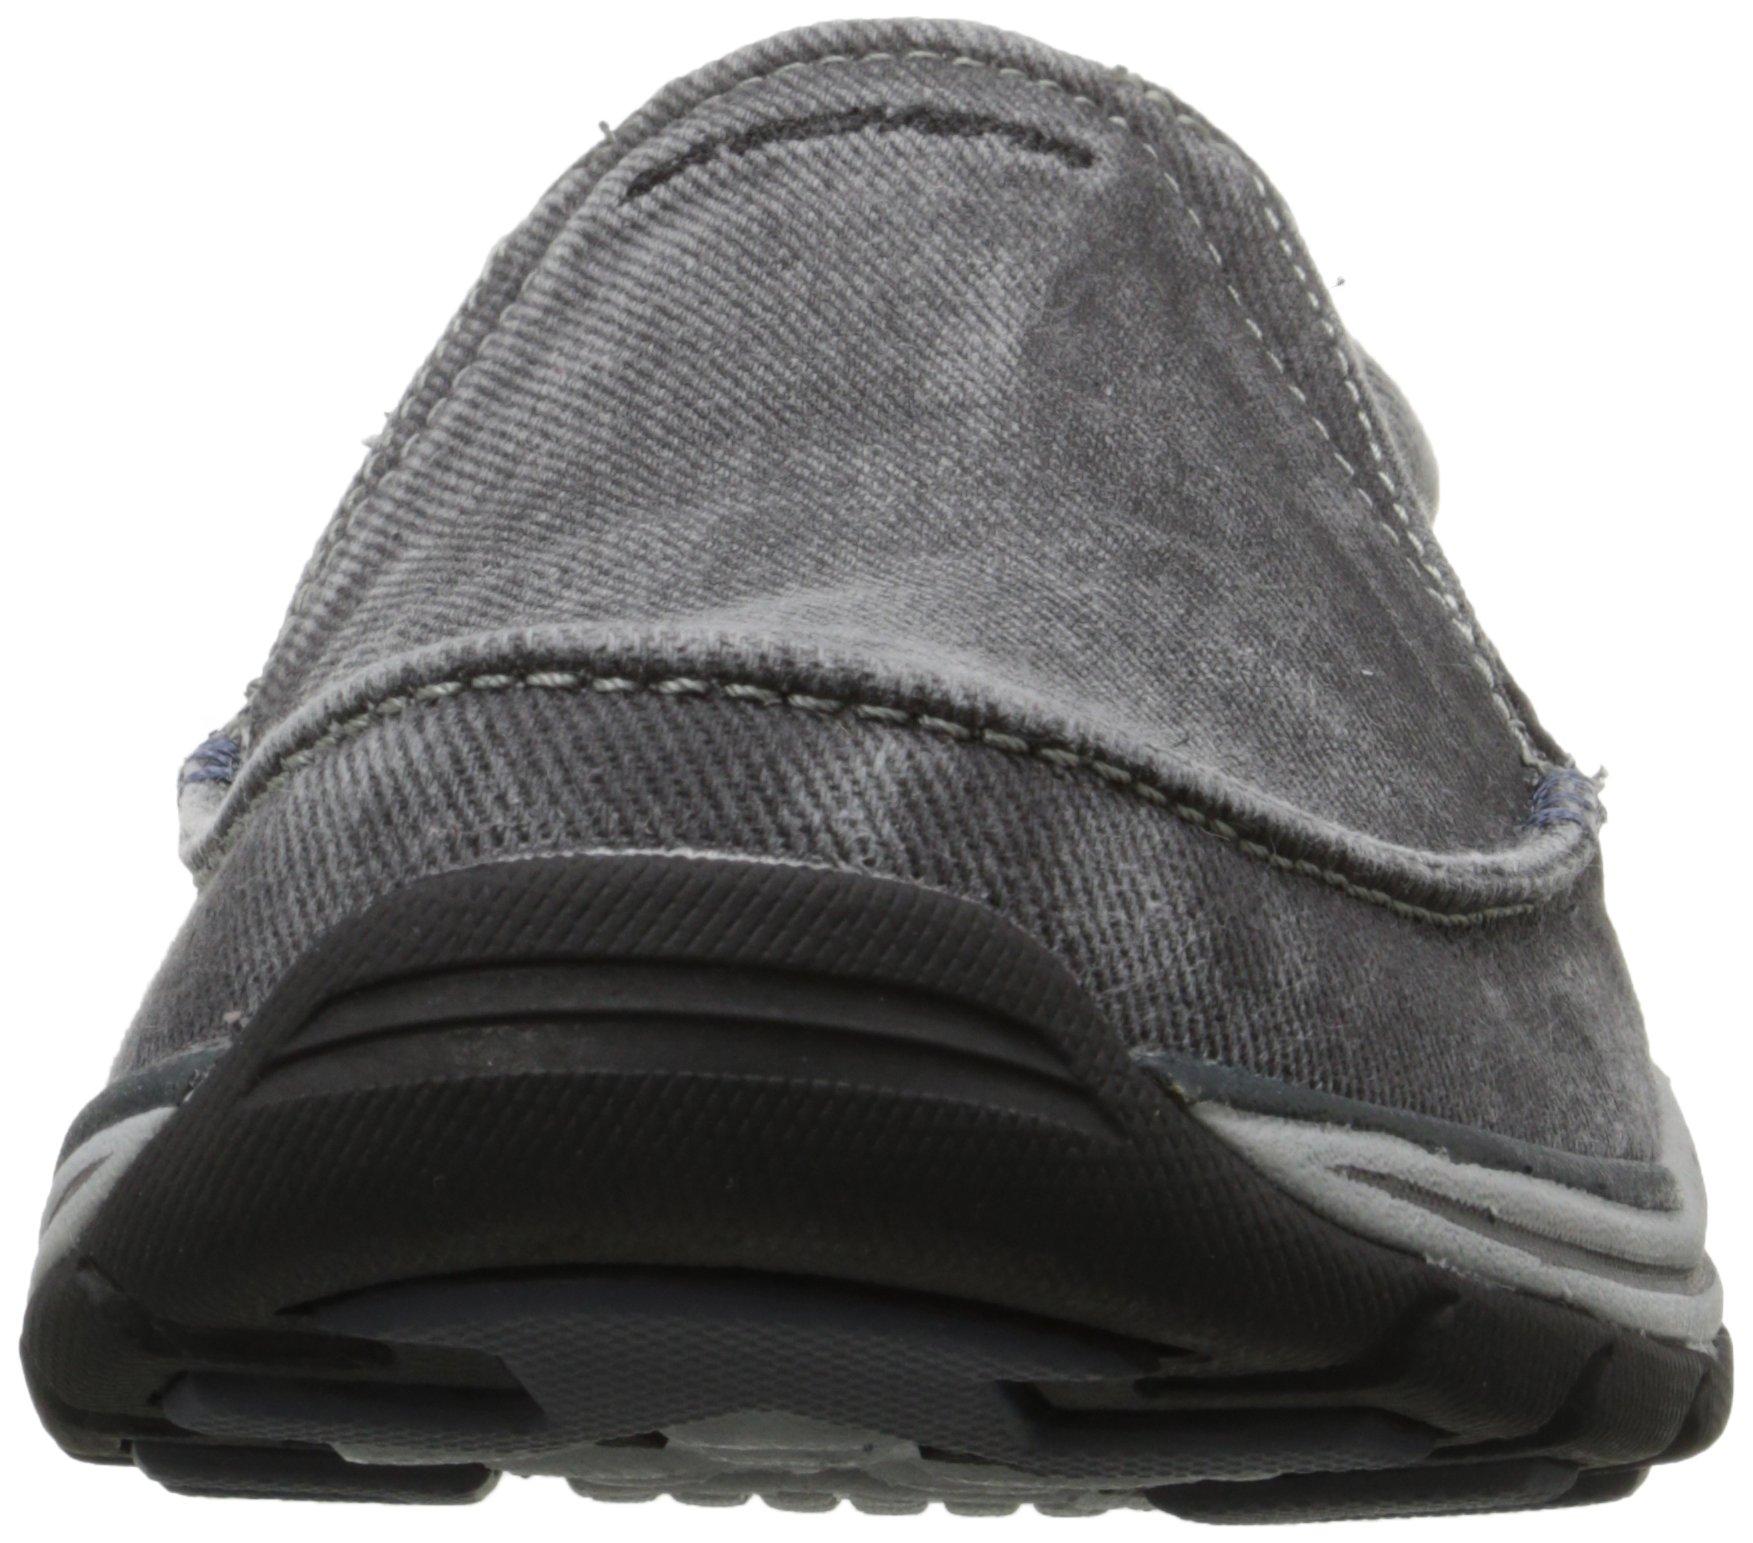 Skechers Men's Expected Avillo Relaxed-Fit Slip-On Loafer,Black,13 M US by Skechers (Image #4)